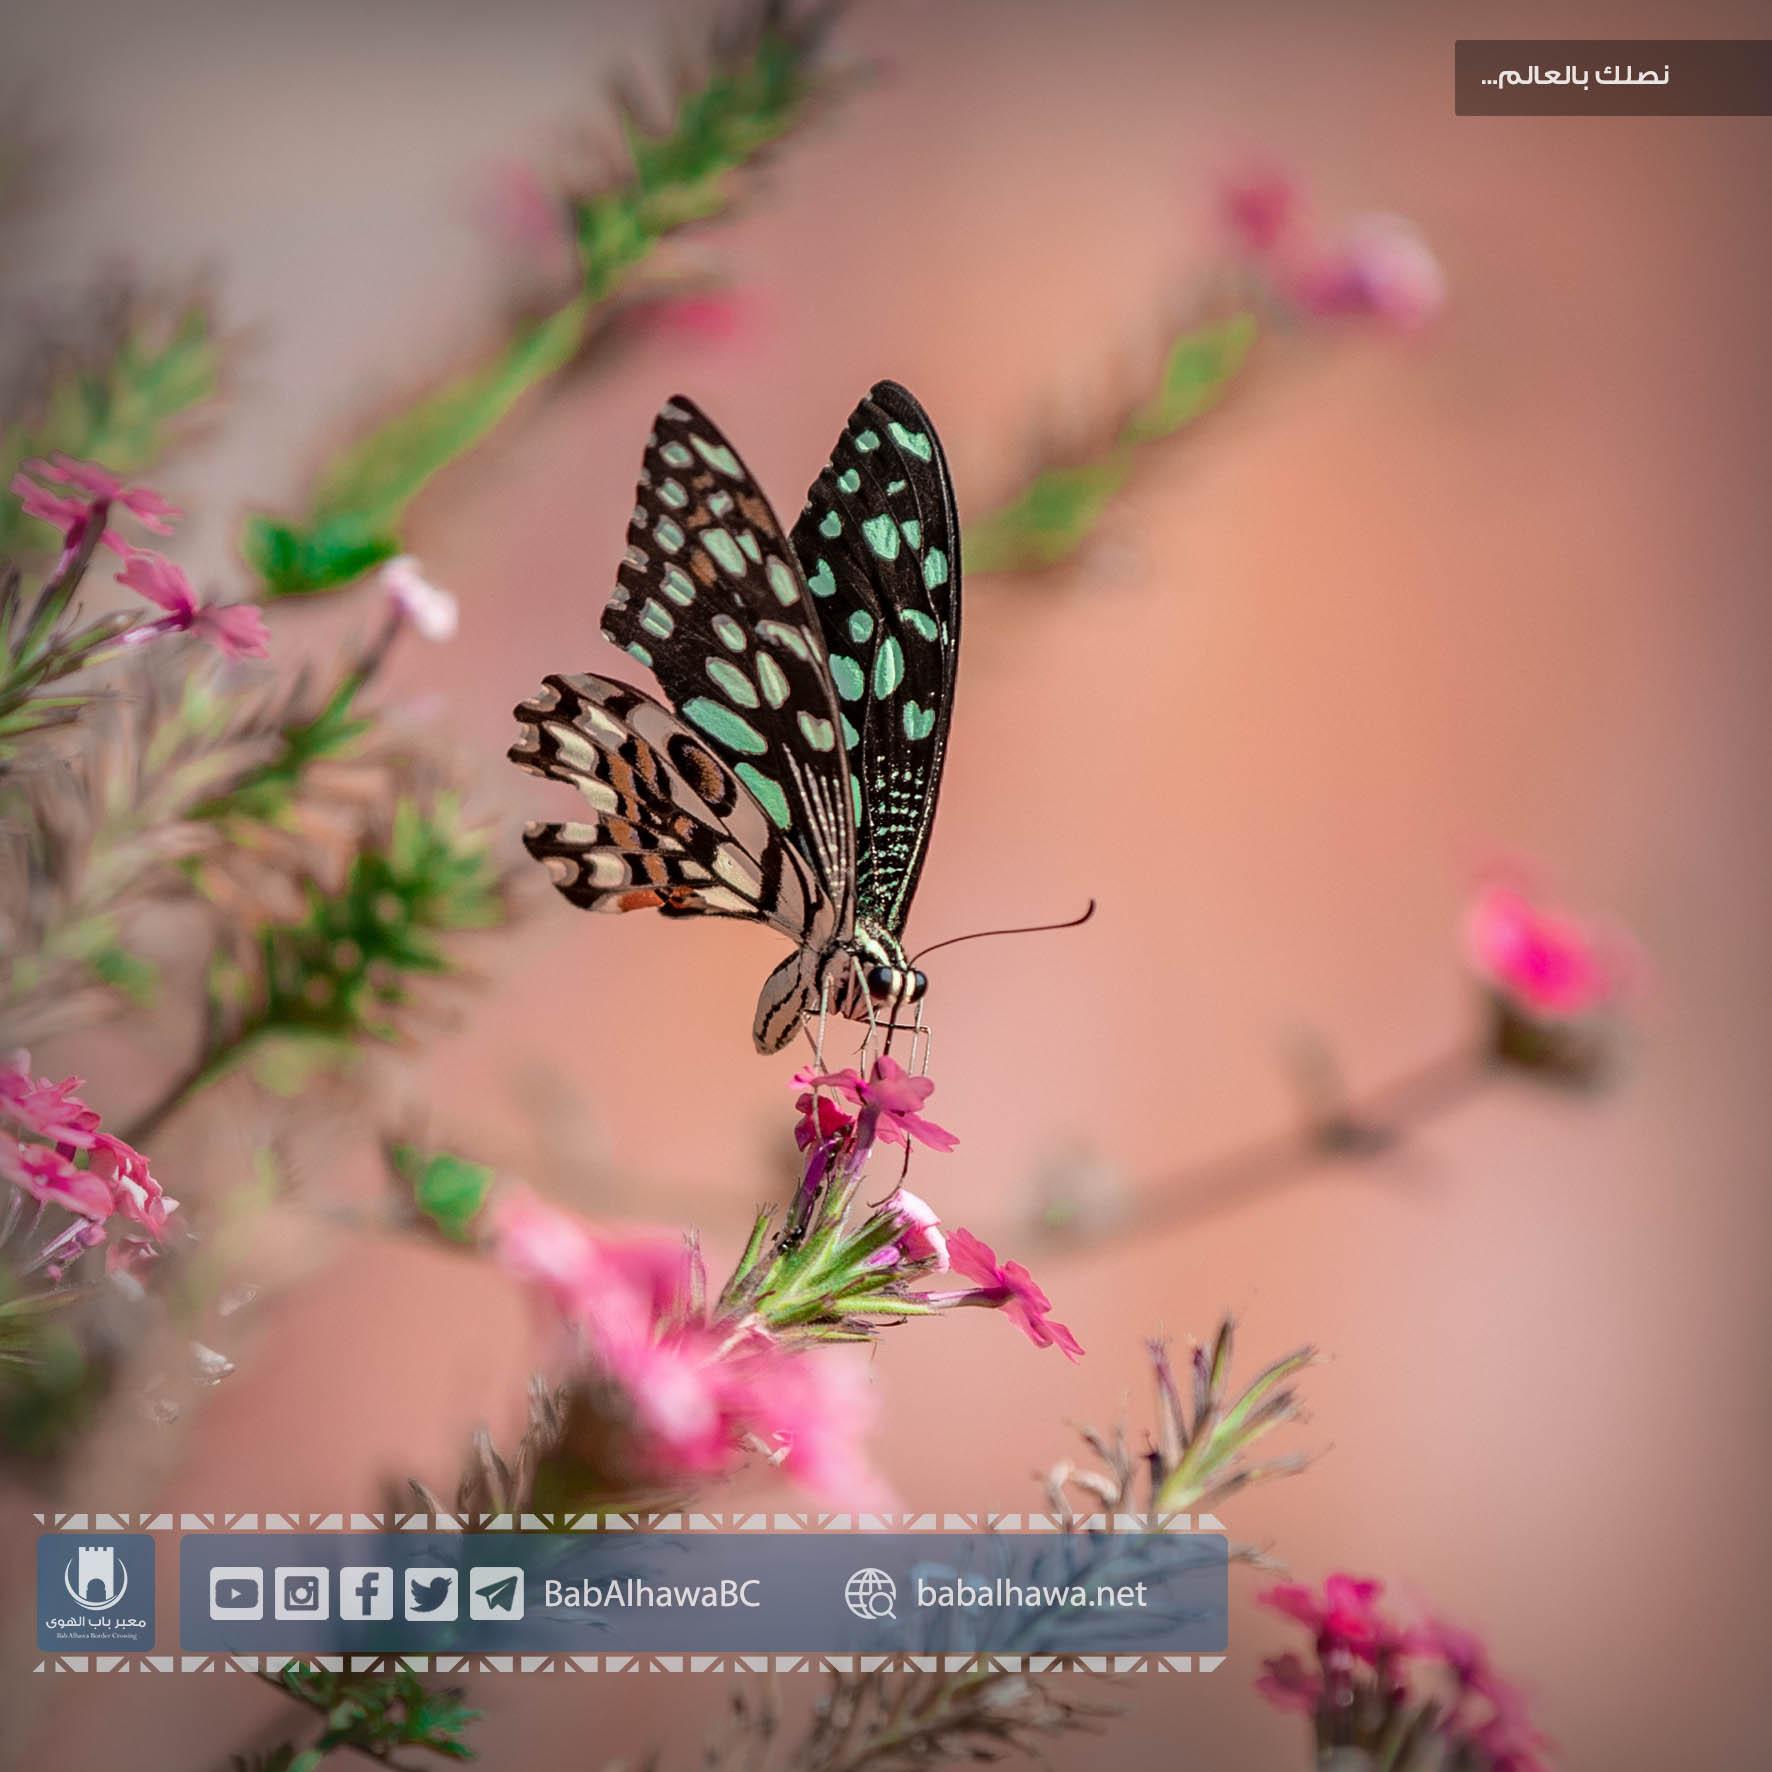 فراشة في حديقة معبر باب الهوى - سورية